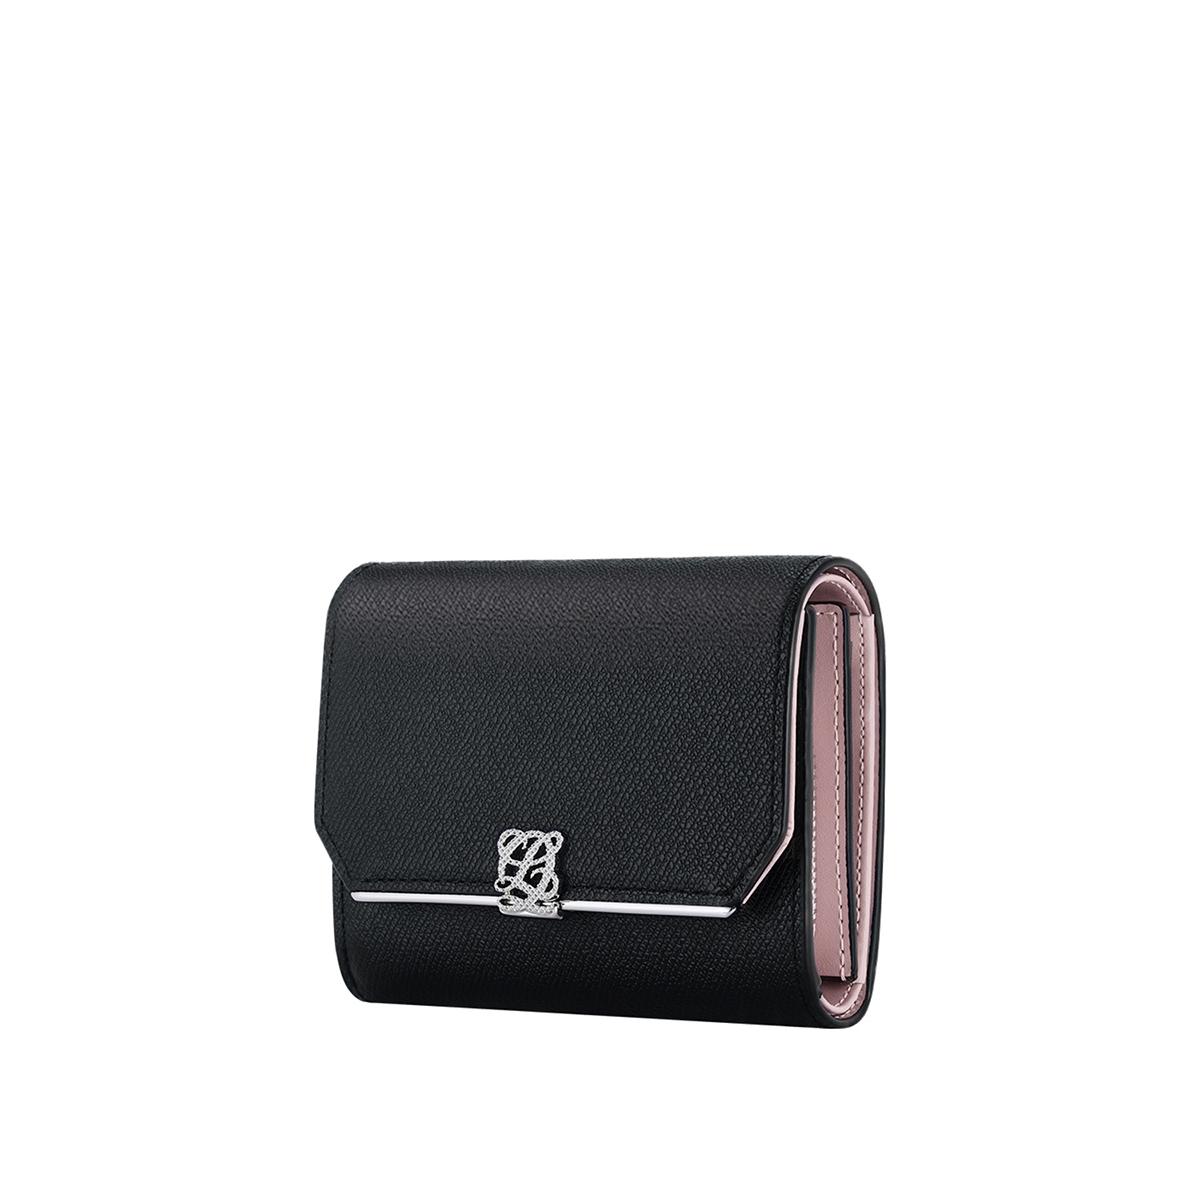 [지폐칸 추가] 루이까또즈 라라(LaLa) 여성반지갑 스트로베리 SP1JR09PI